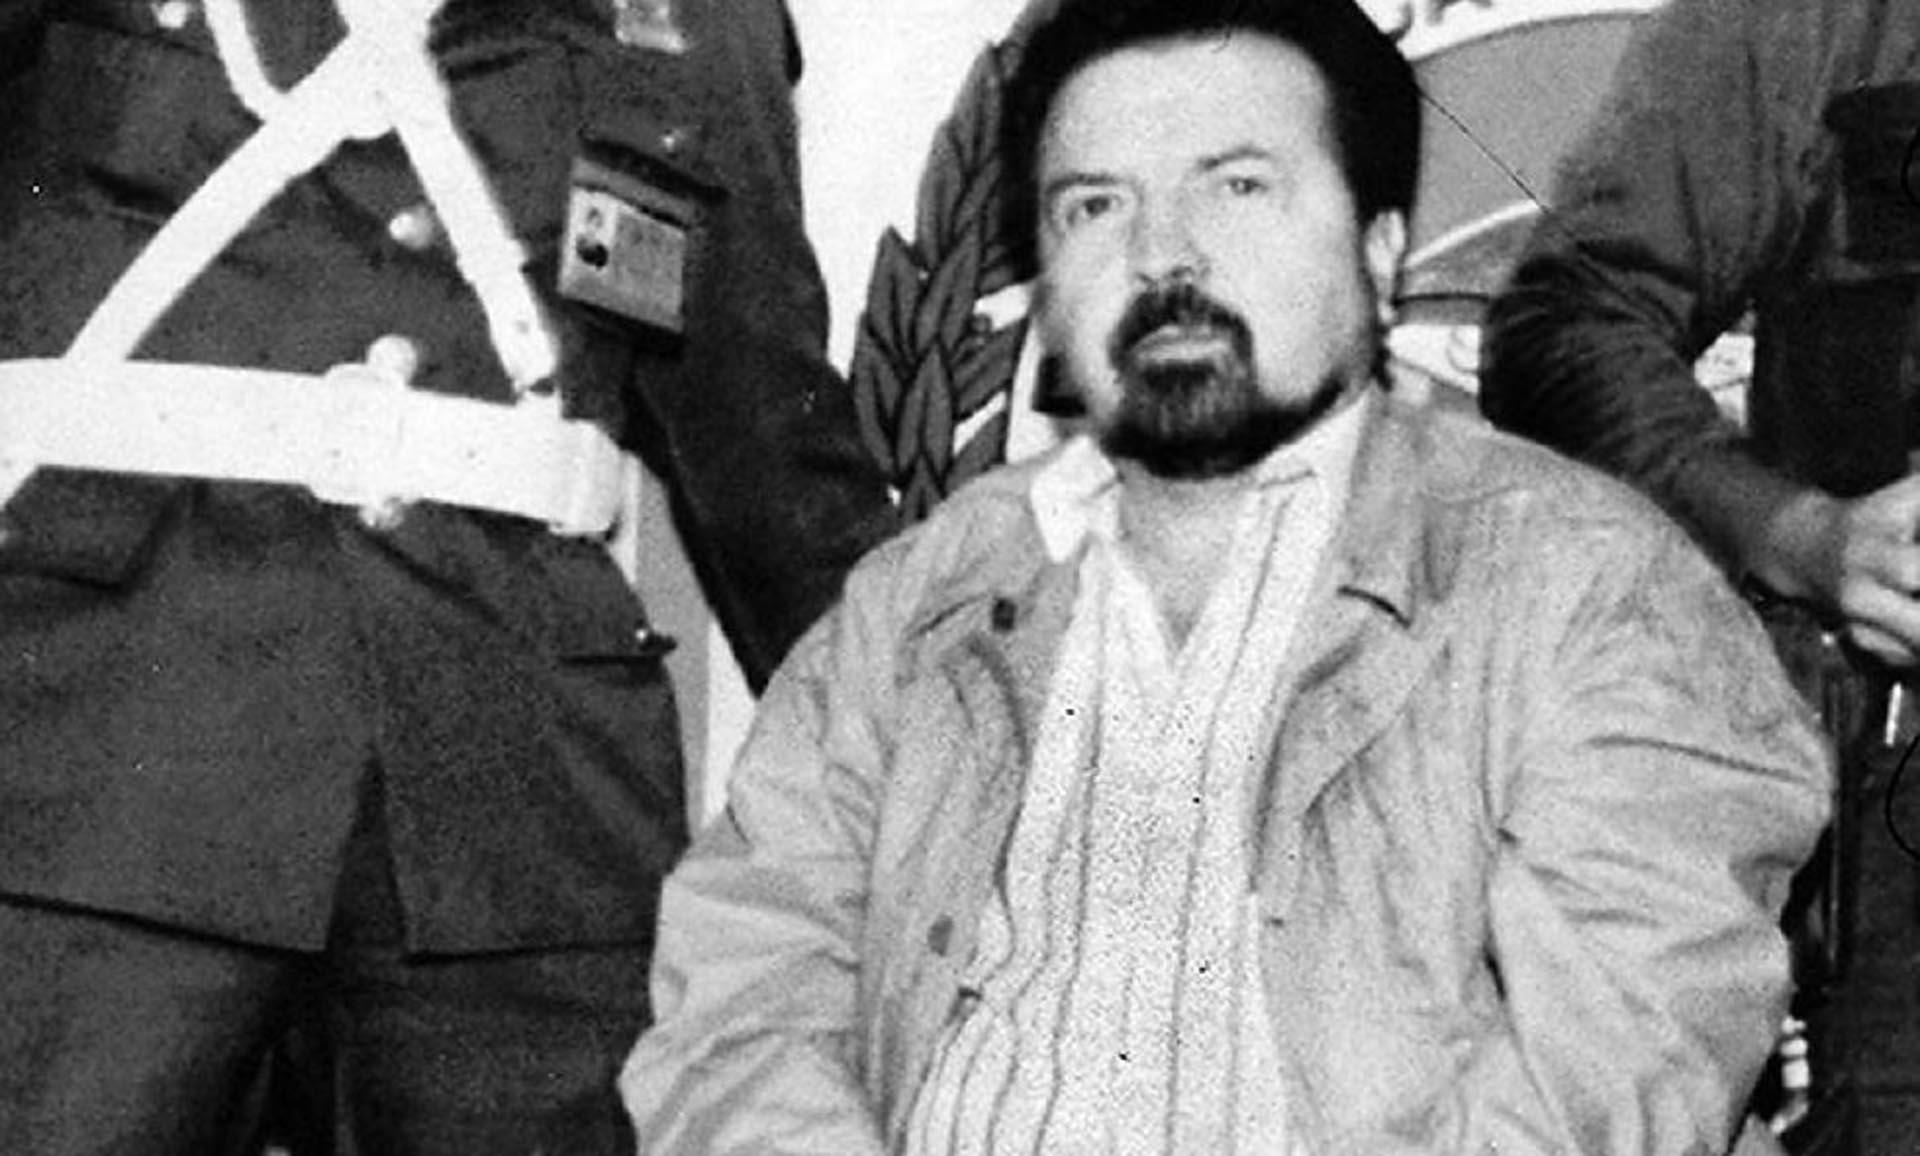 """Gilberto Rodríguez Orejuela se inició en el tráfico de medicamentos y montó su propia cadena de farmacias y droguerías. Luego fundó lo que se conoció como el Cártel de Cali que se enfrentaría con el de Medellín por el control de la cocaína. Se lo conocía como """"El Ajedrecista"""""""